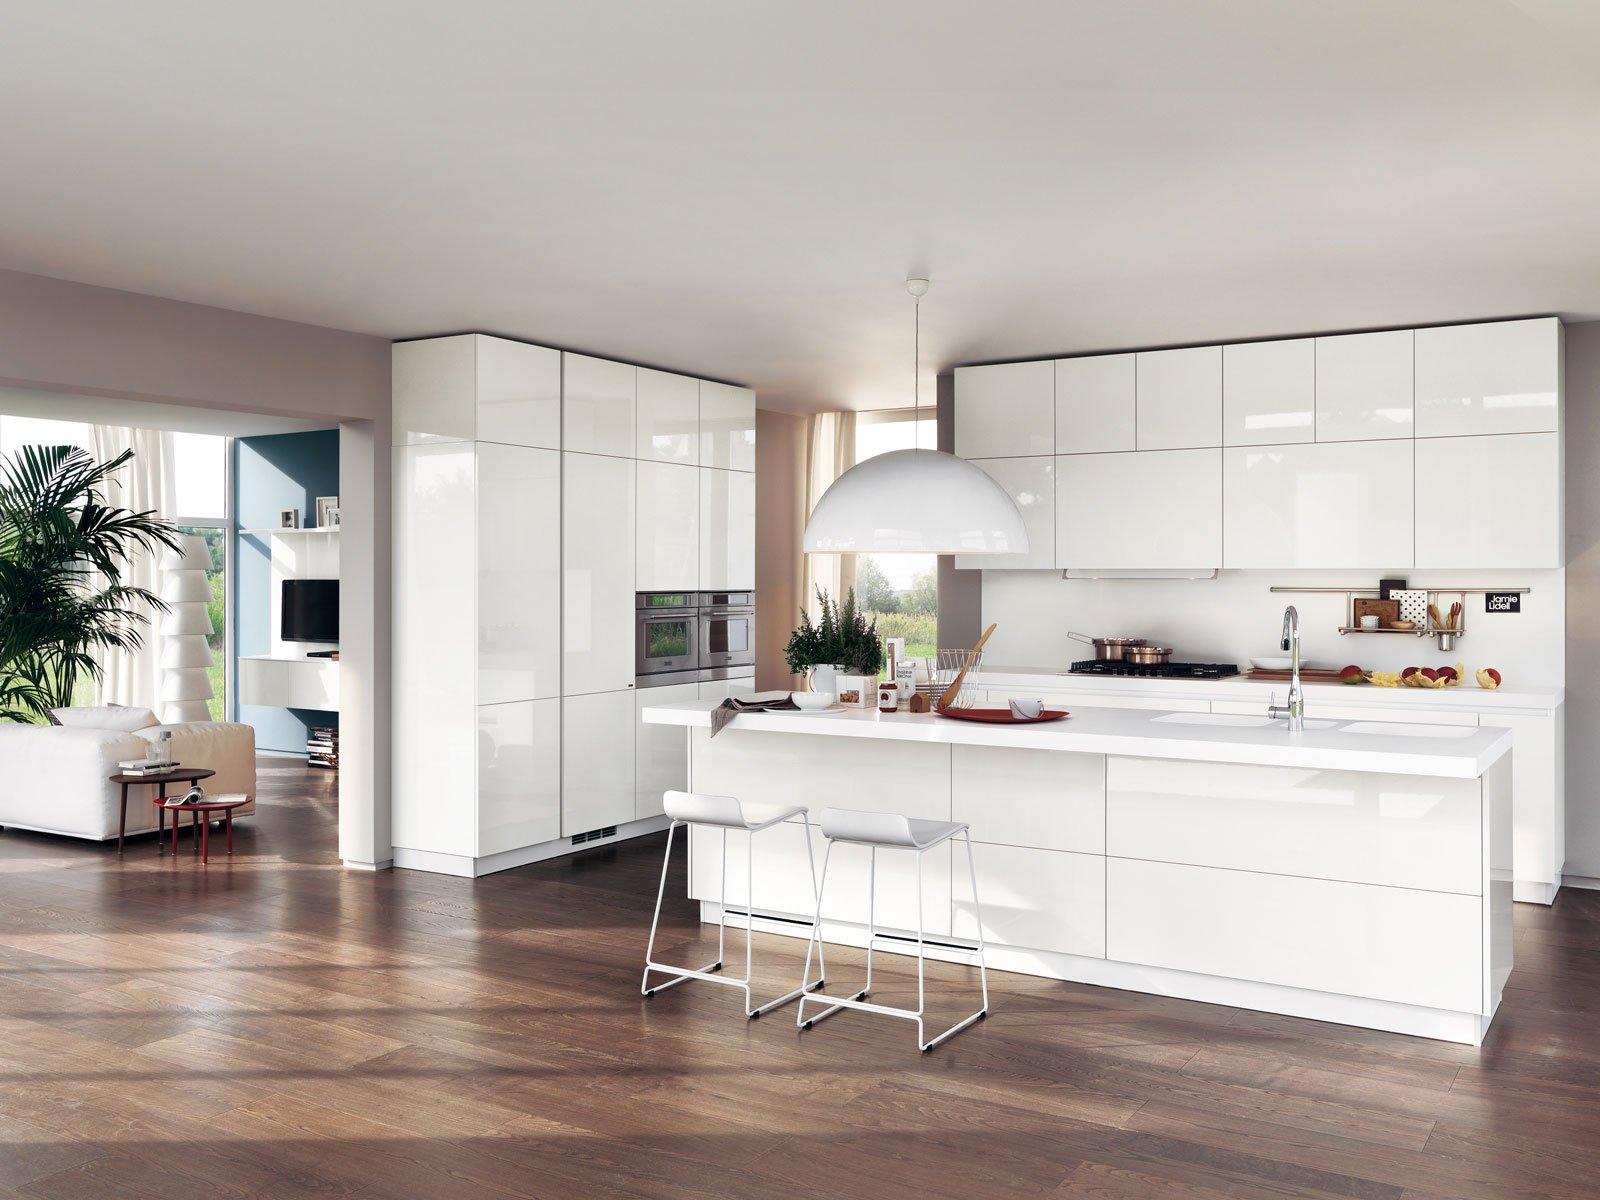 Colonna Dispensa Cucina Ikea cucina bianca: il fascino eterno della luminosità - cose di casa